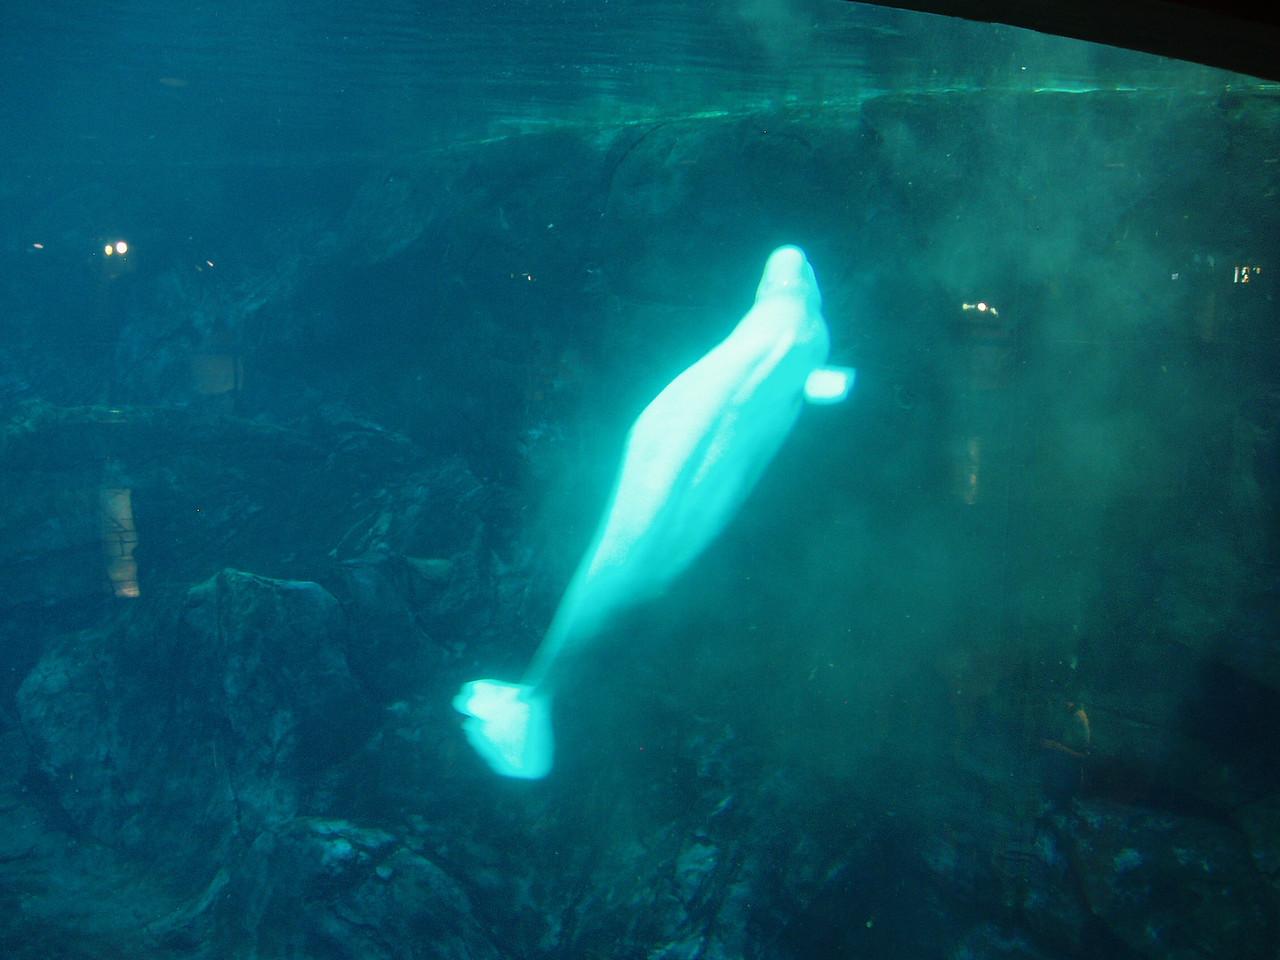 I love beluga whales.